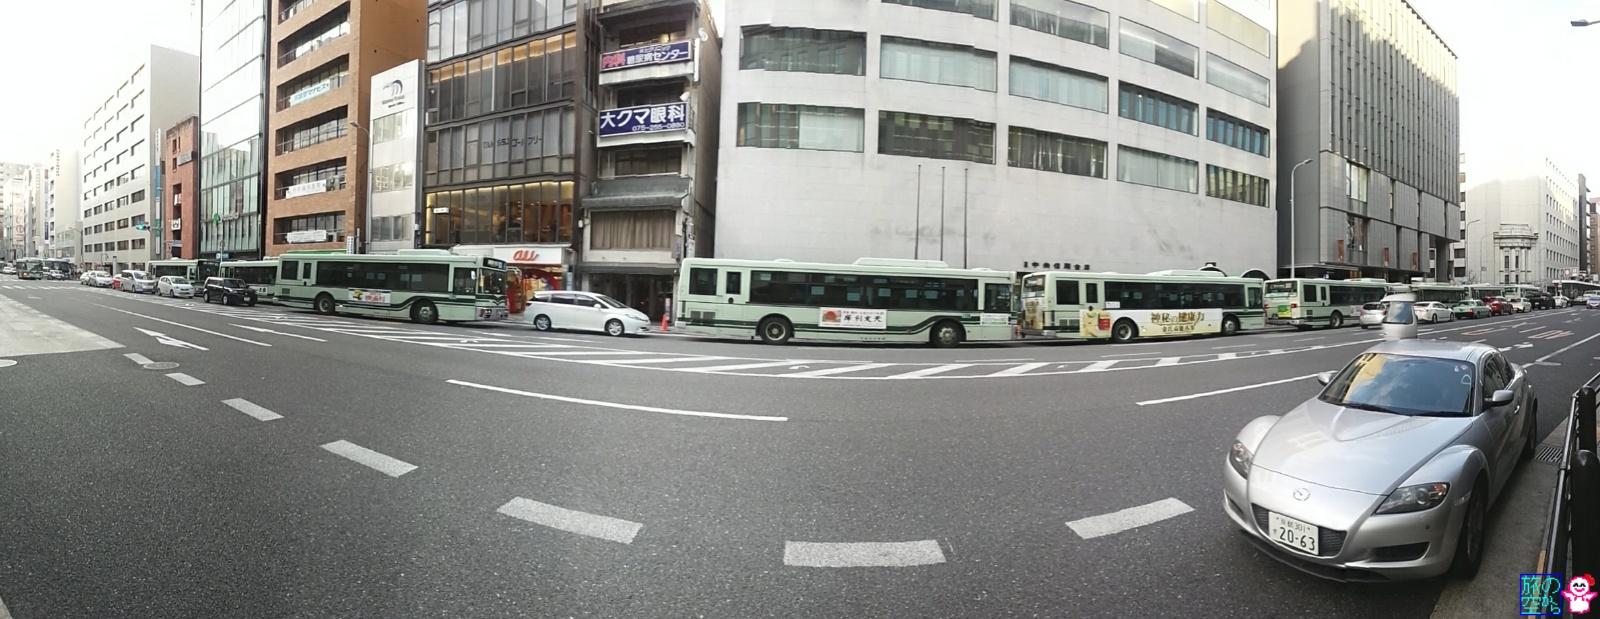 きょうの市バス(四条烏丸)